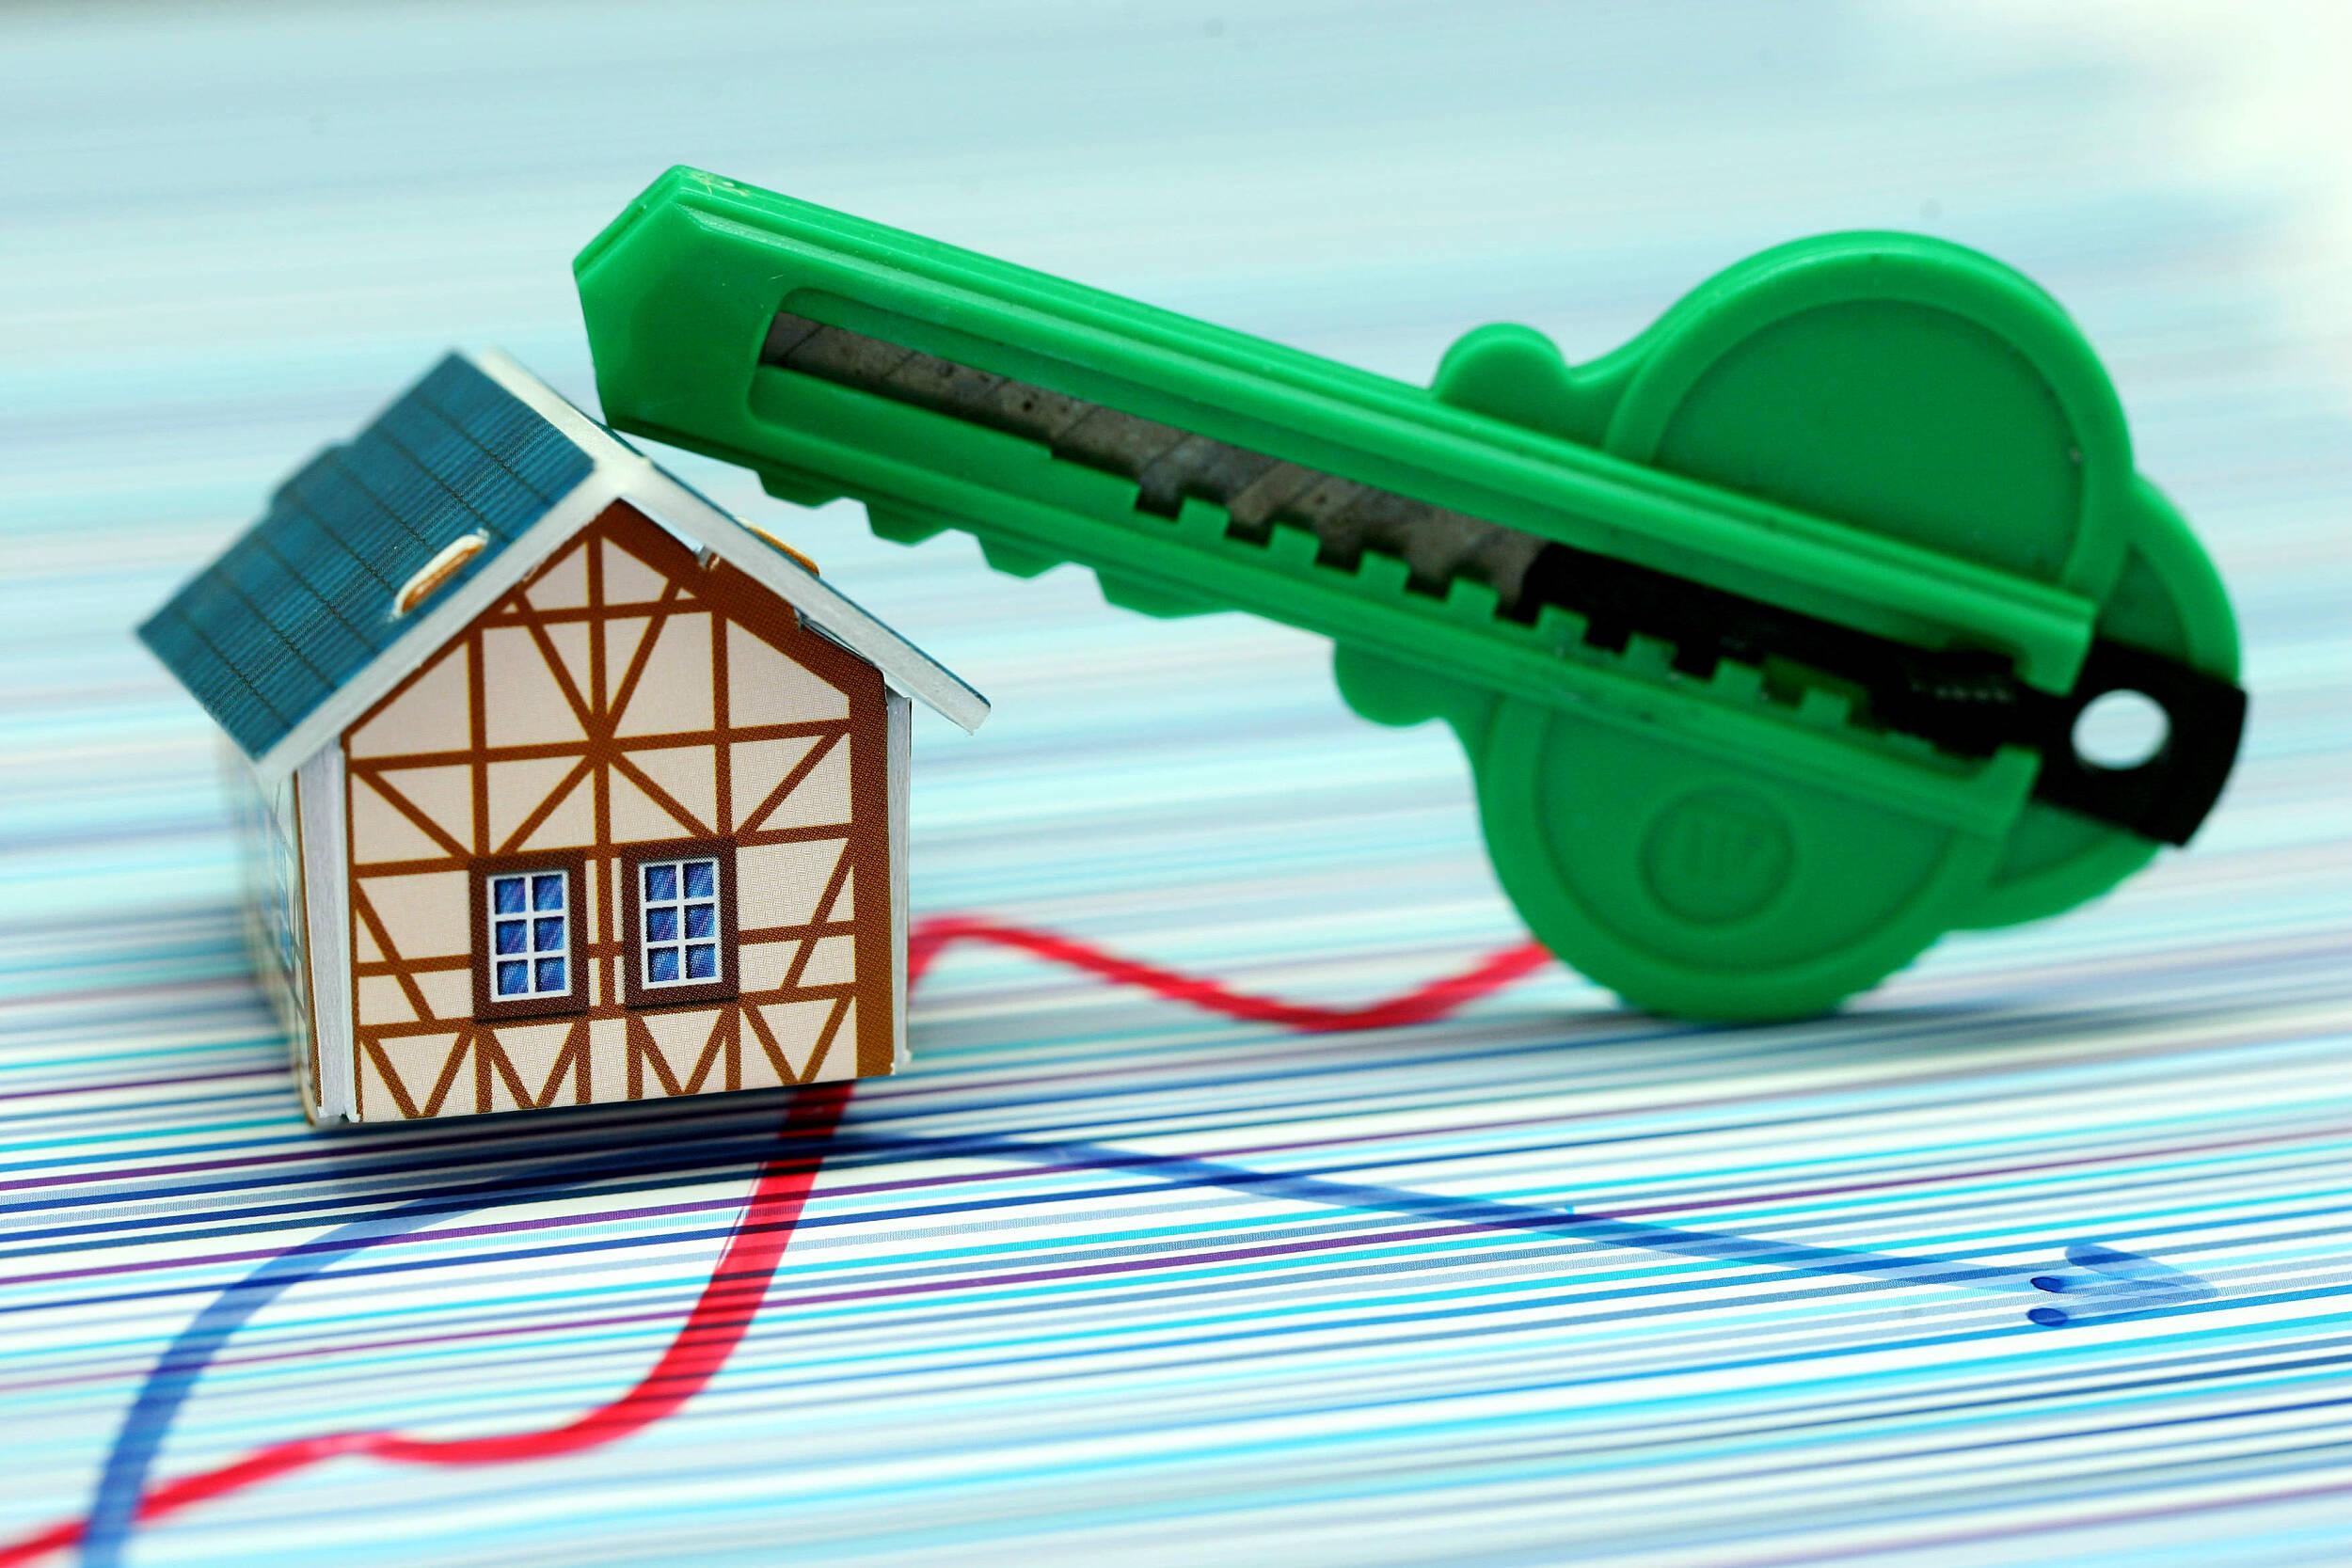 多家银行回应:近期并无调整个人房贷政策